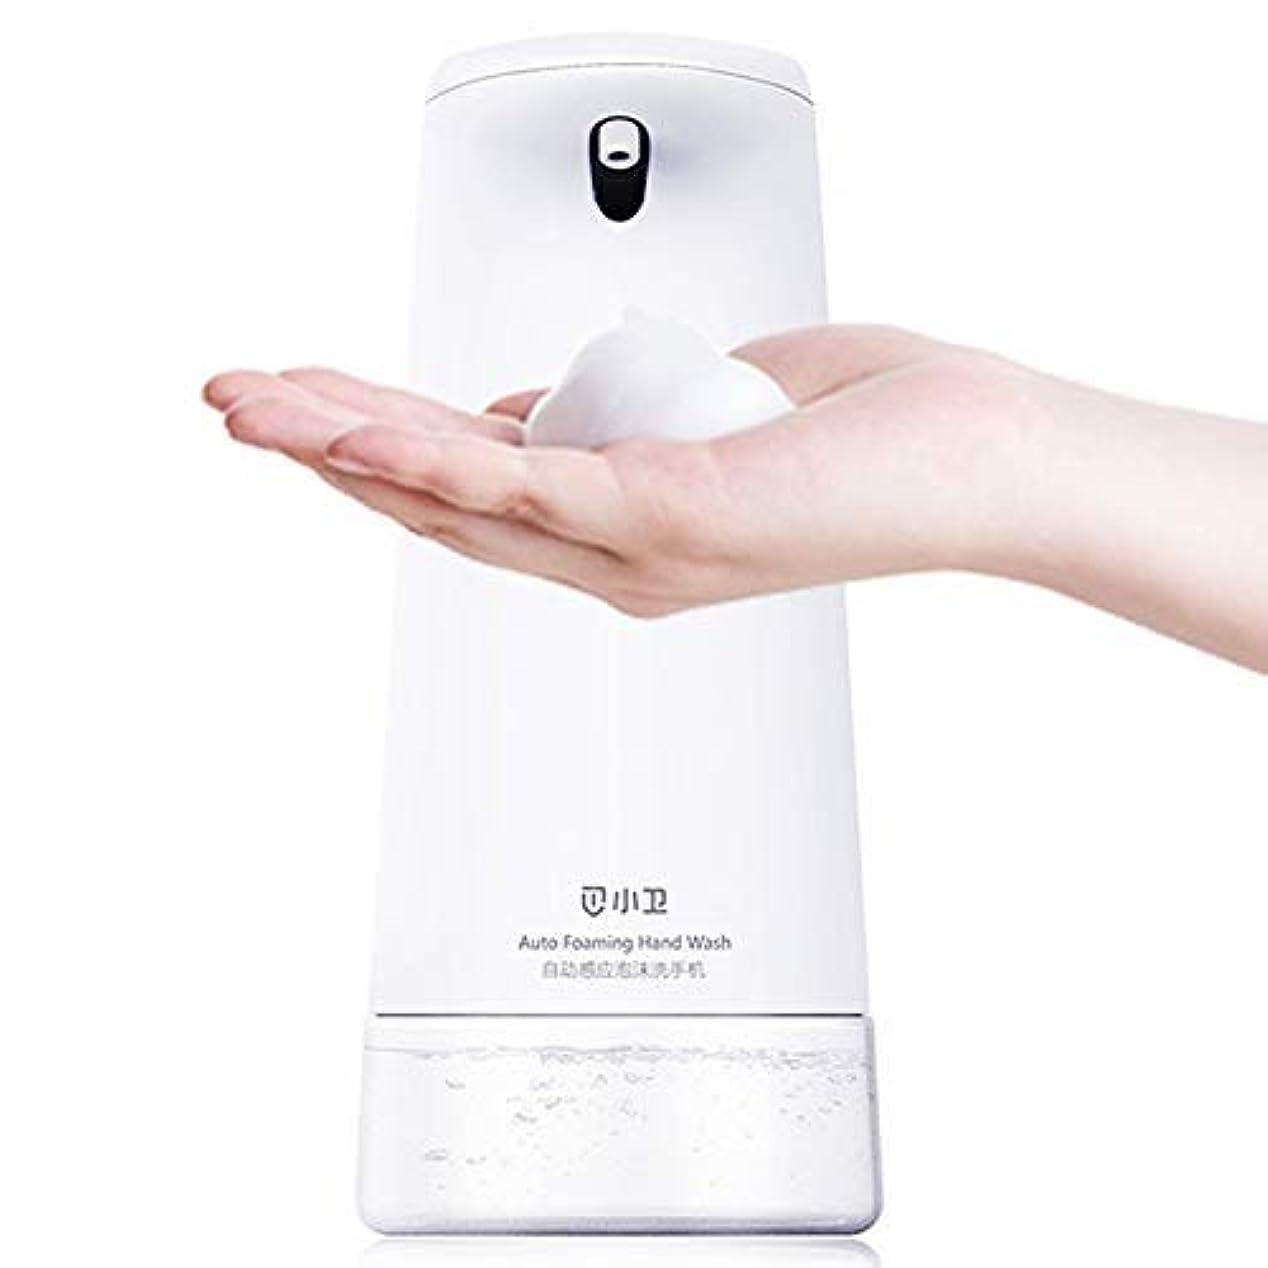 イサカ盲目感性250ミリリットルインテリジェント自動泡石鹸ディスペンサー誘導発泡手洗い機ポータブル液体石鹸ディスペンサー浴室ツール